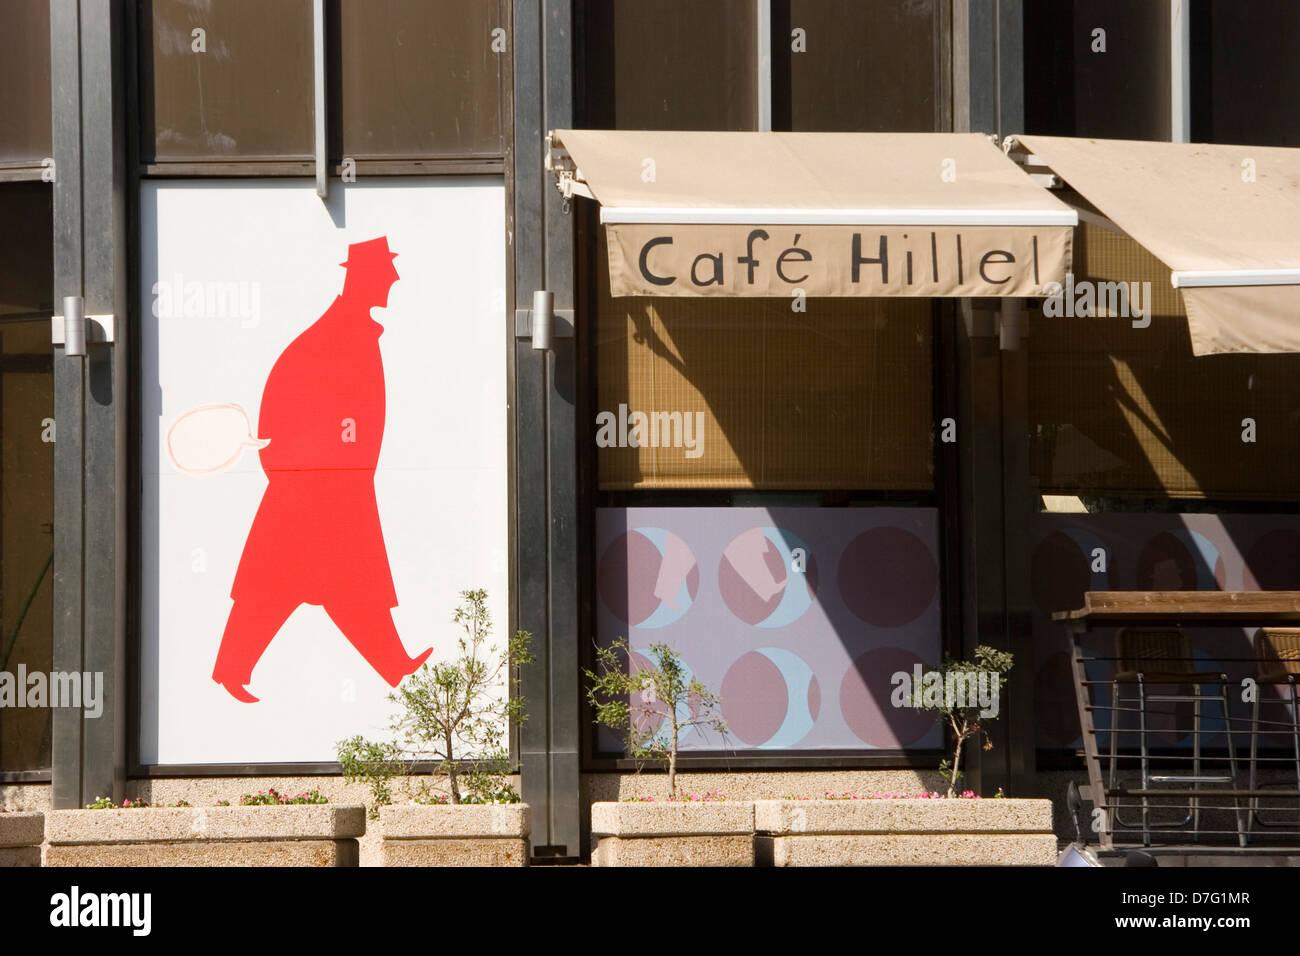 cafe hillel in rothschild boulevard, tel aviv (2007) - Stock Image